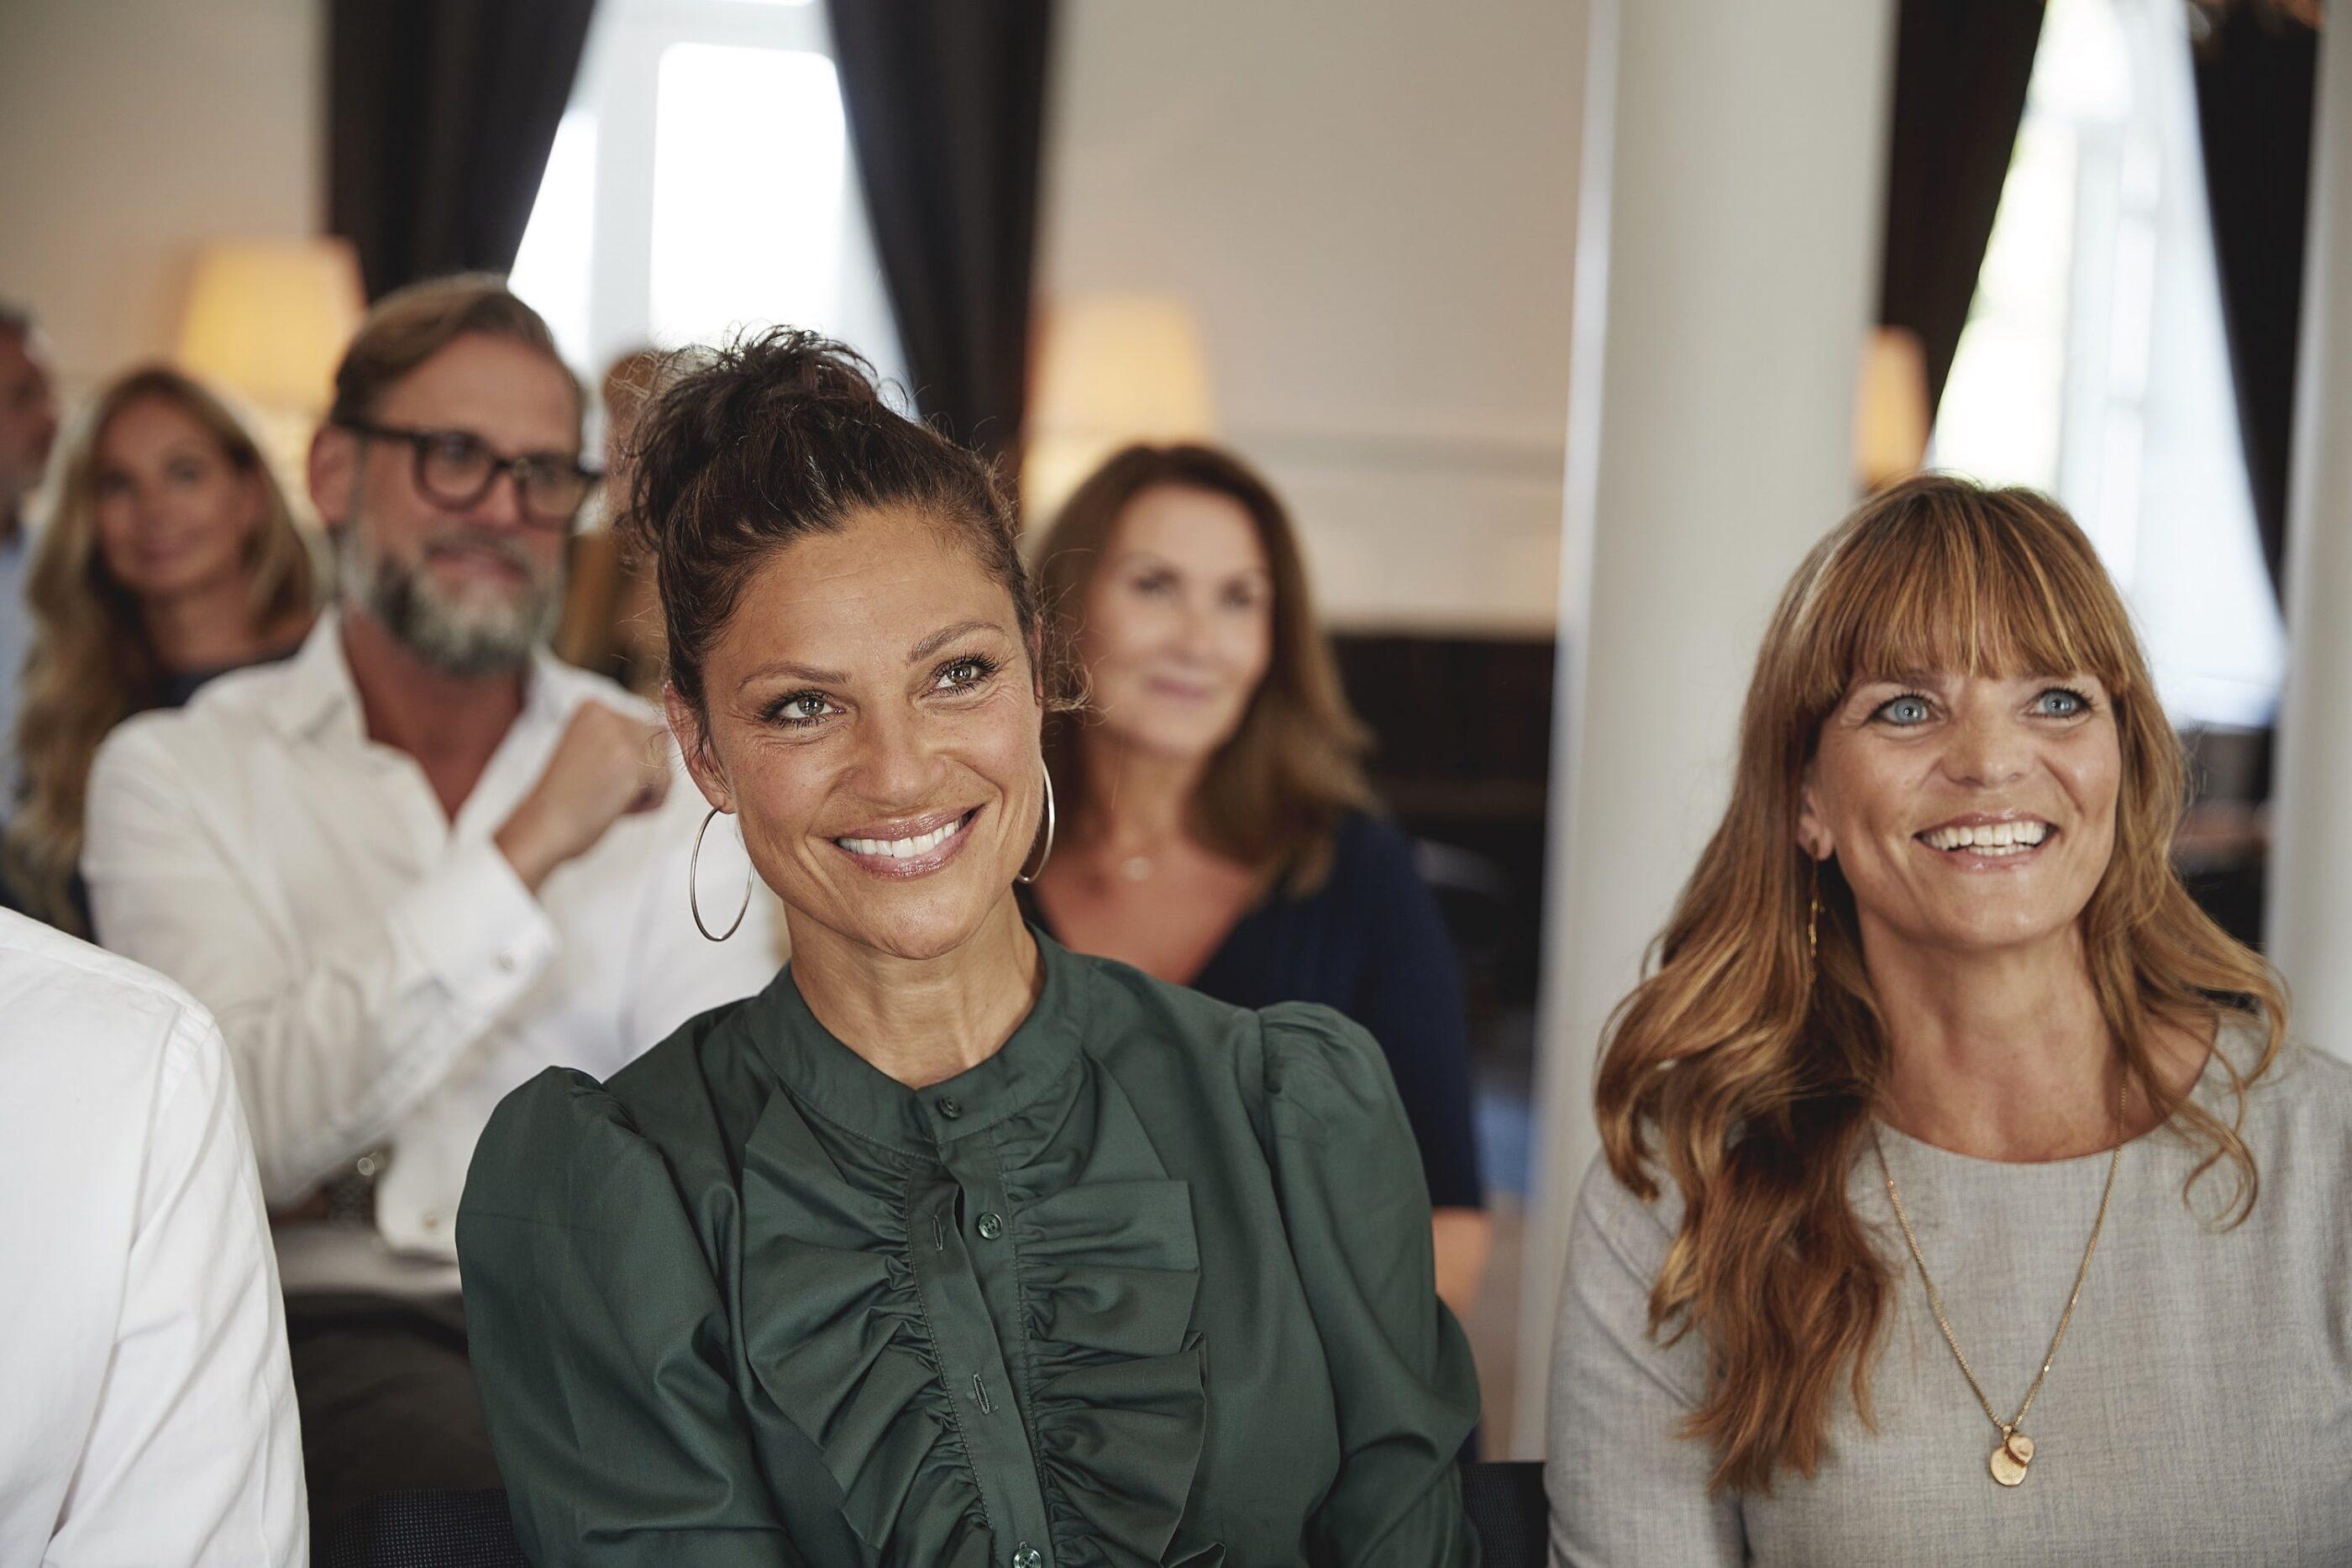 2 kvinder lytter interesseret og smilende til en underholdene præsentation